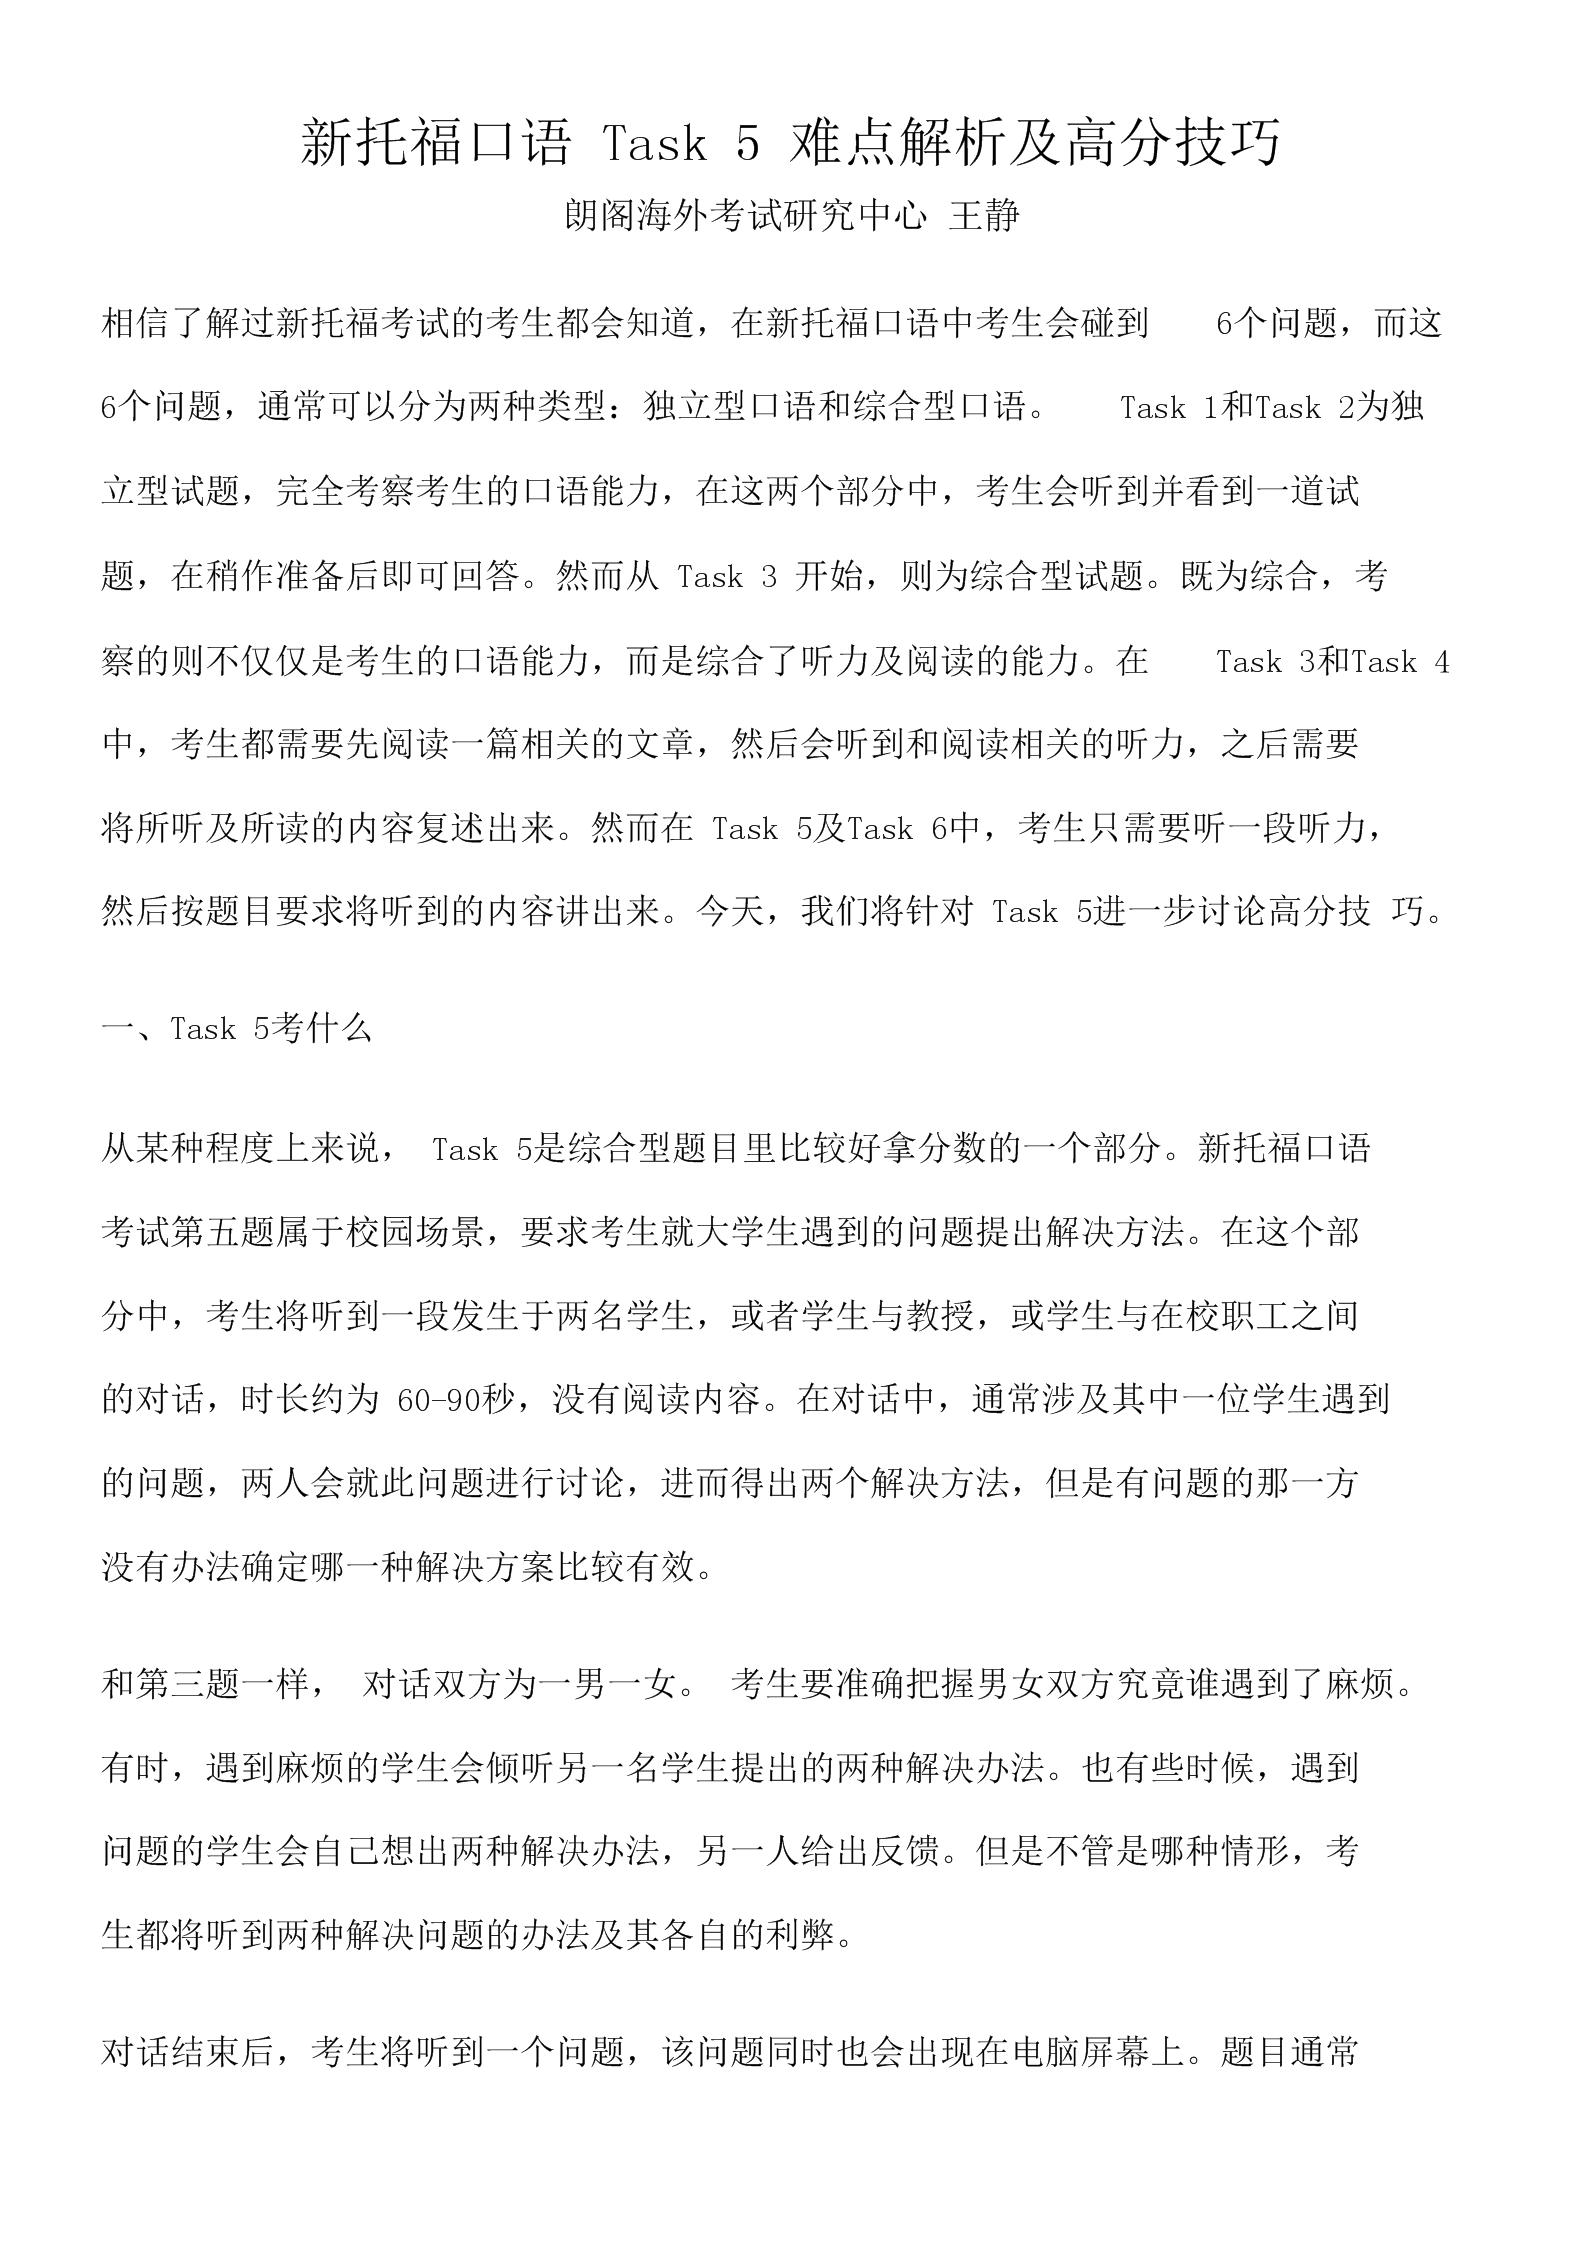 2015-05-27-新托福口语Task-5难点解析及高分技巧.docx